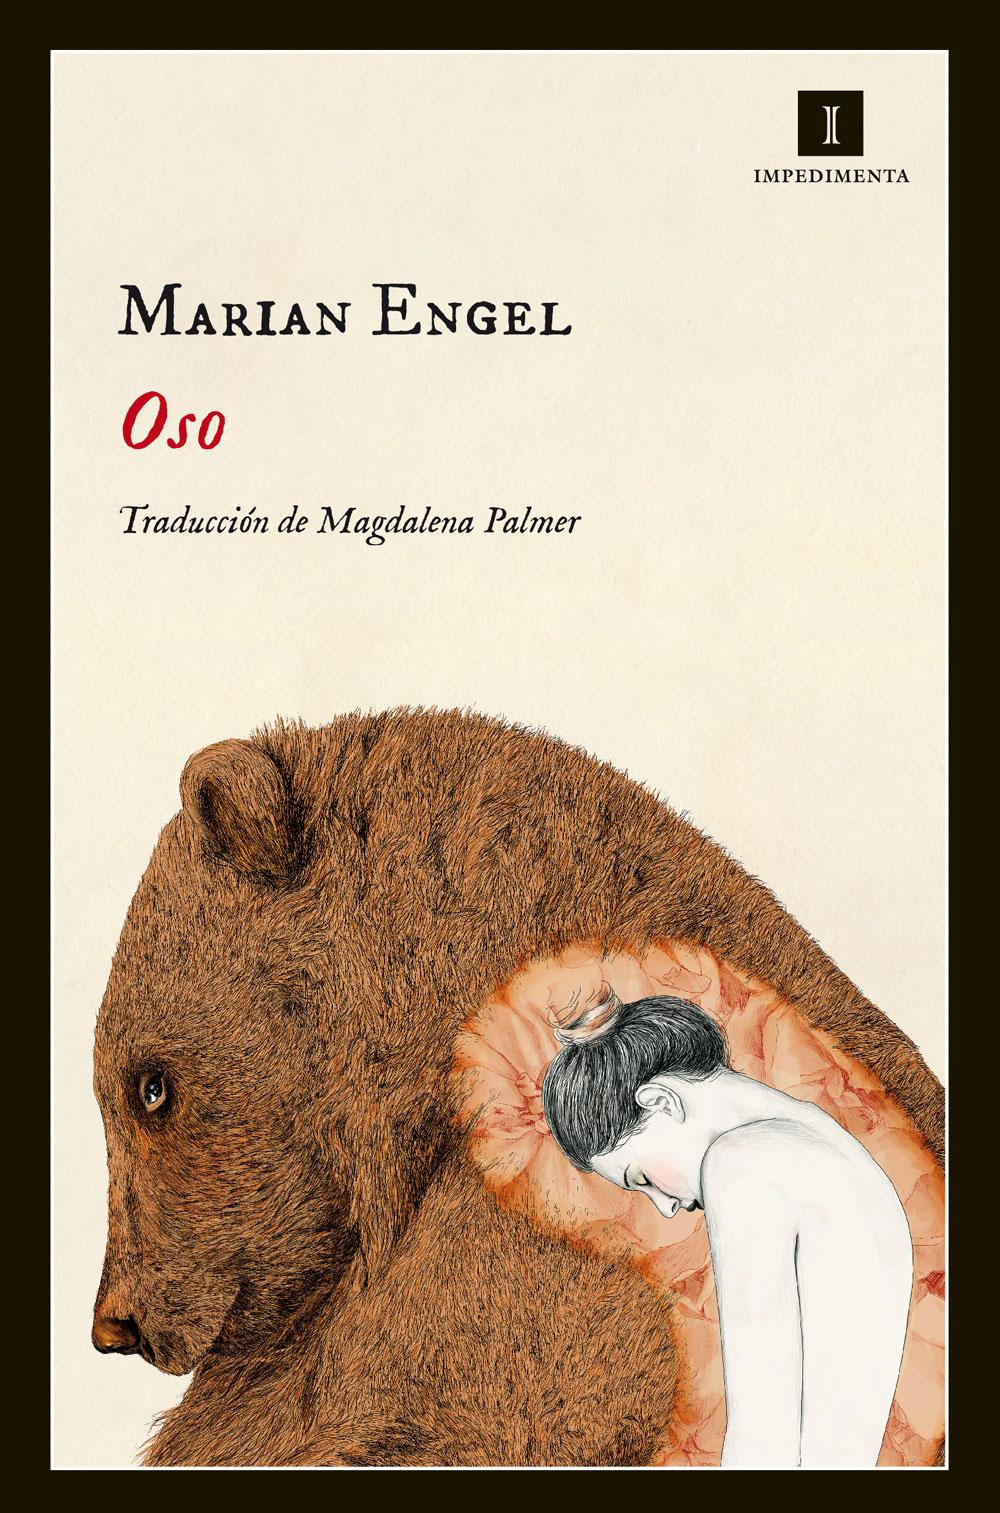 Marian Engel: Oso - Libros Prohibidos